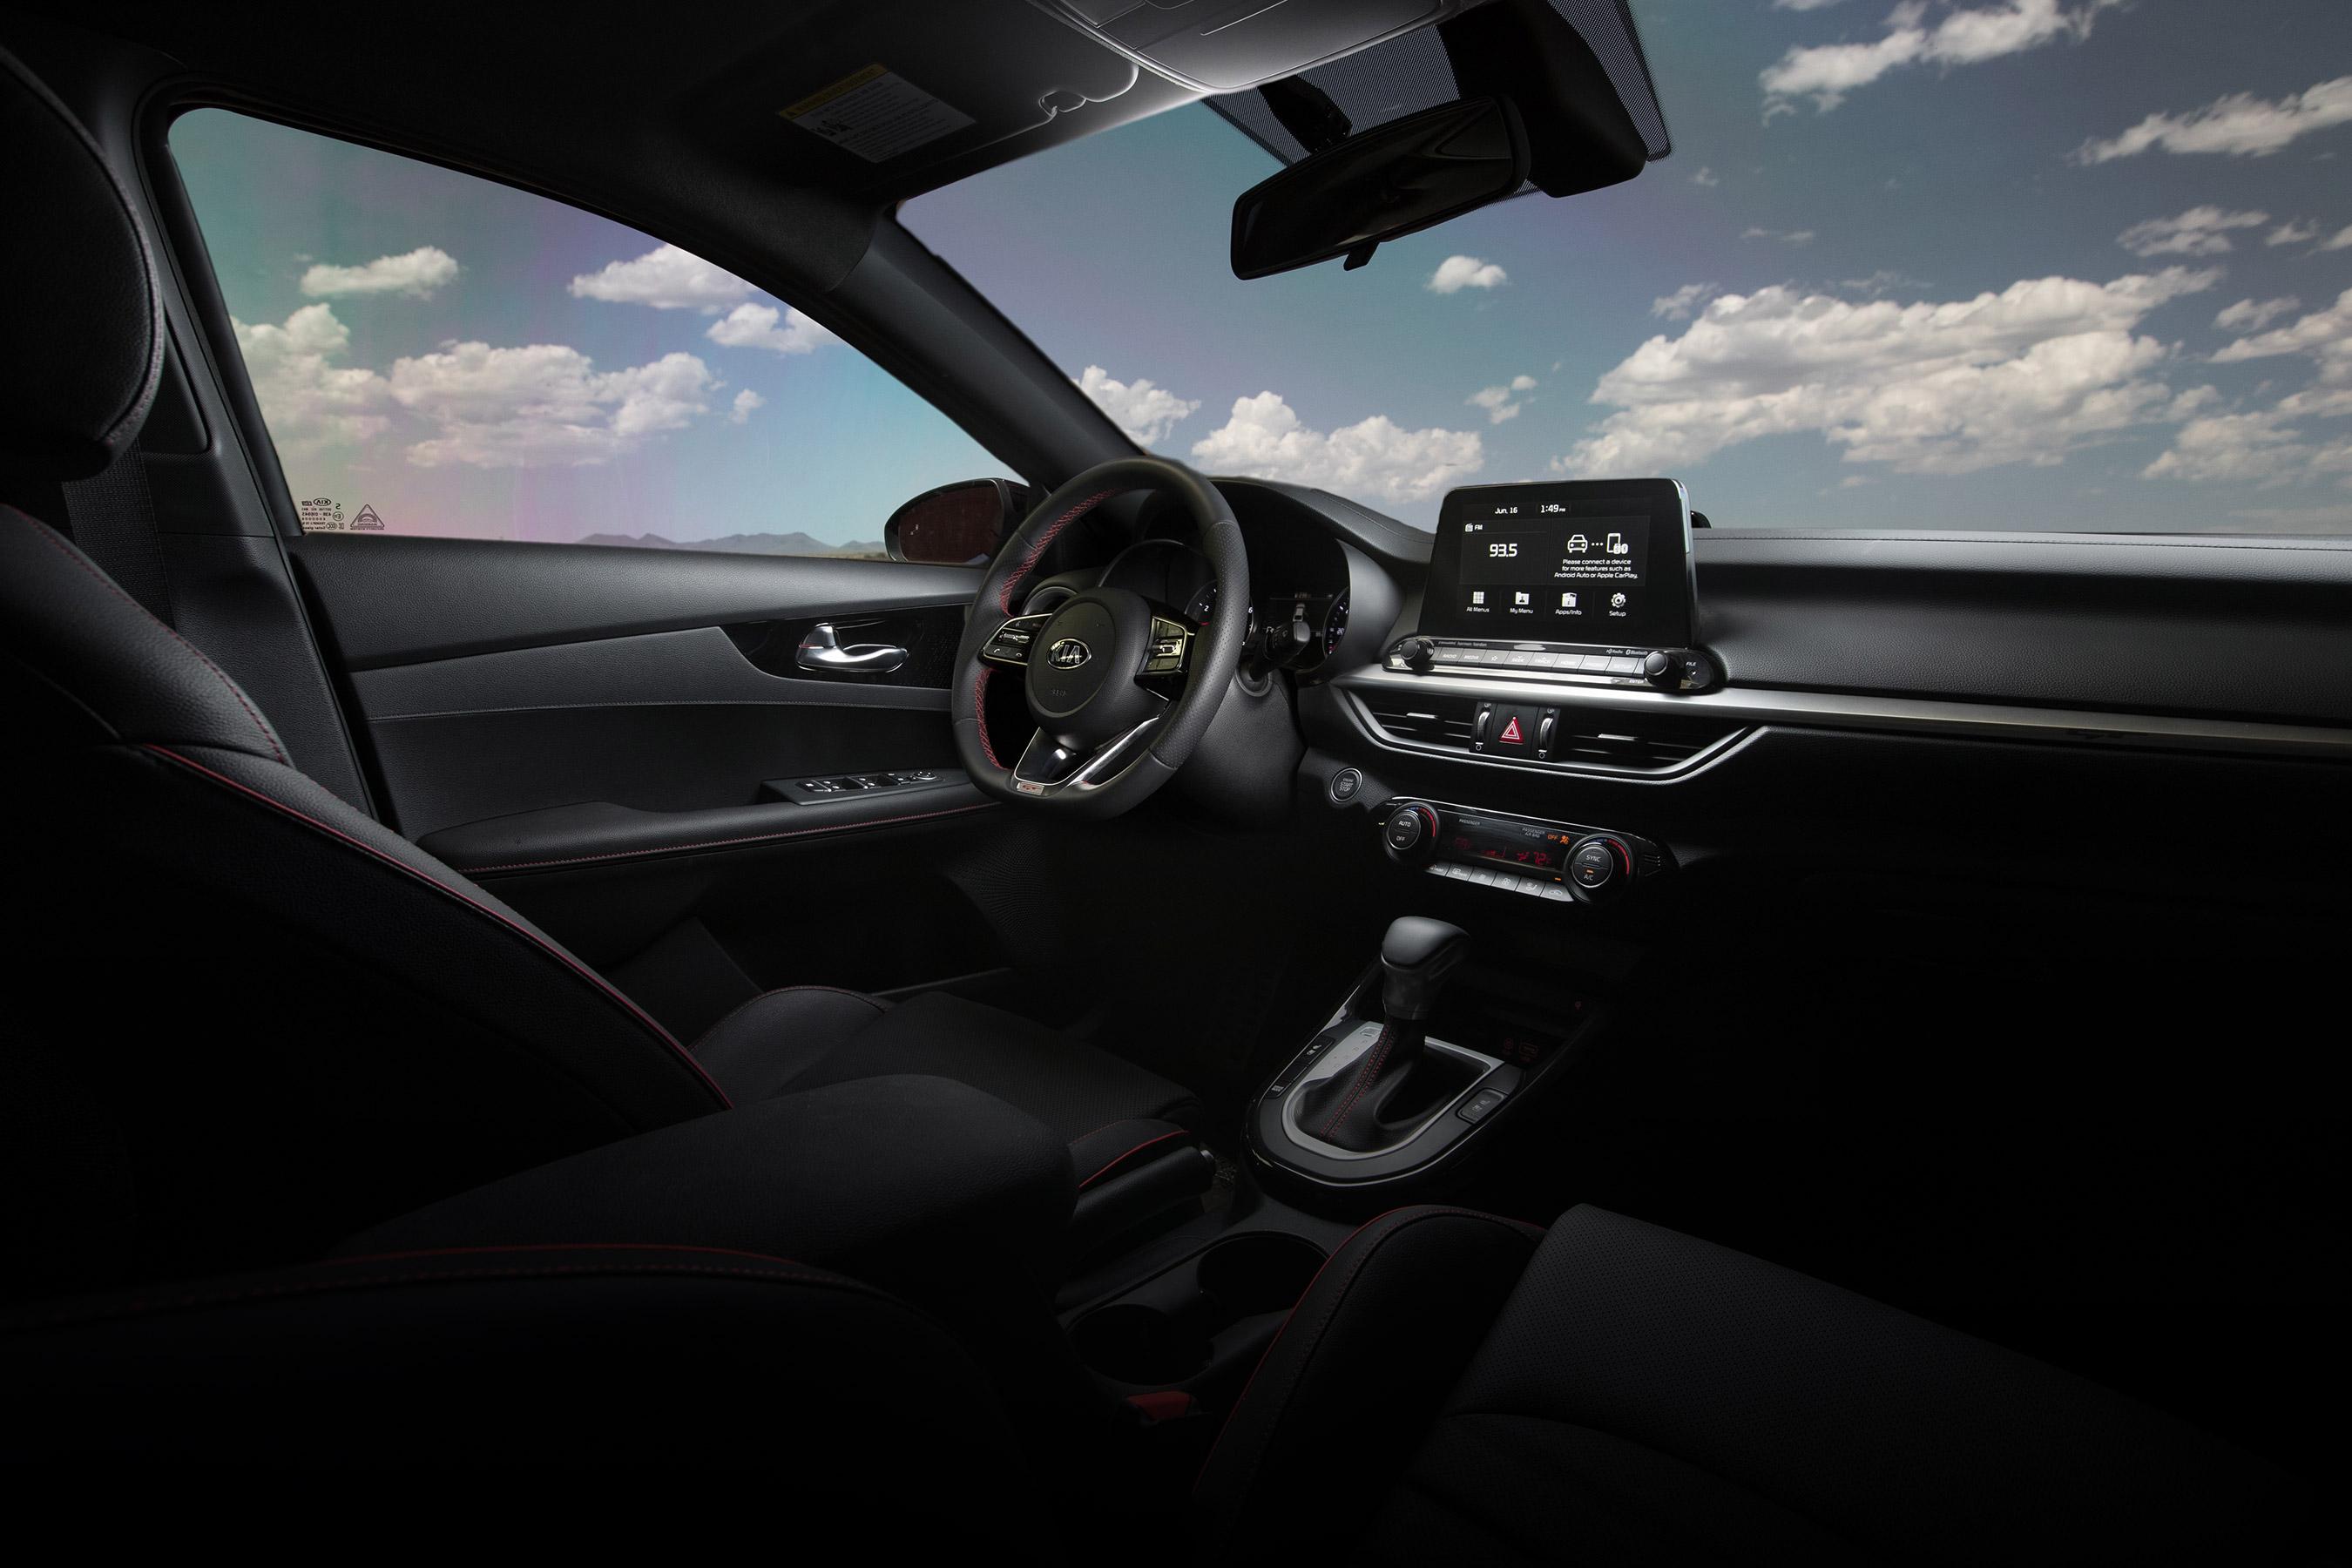 Interior of the 2020 Kia Forte